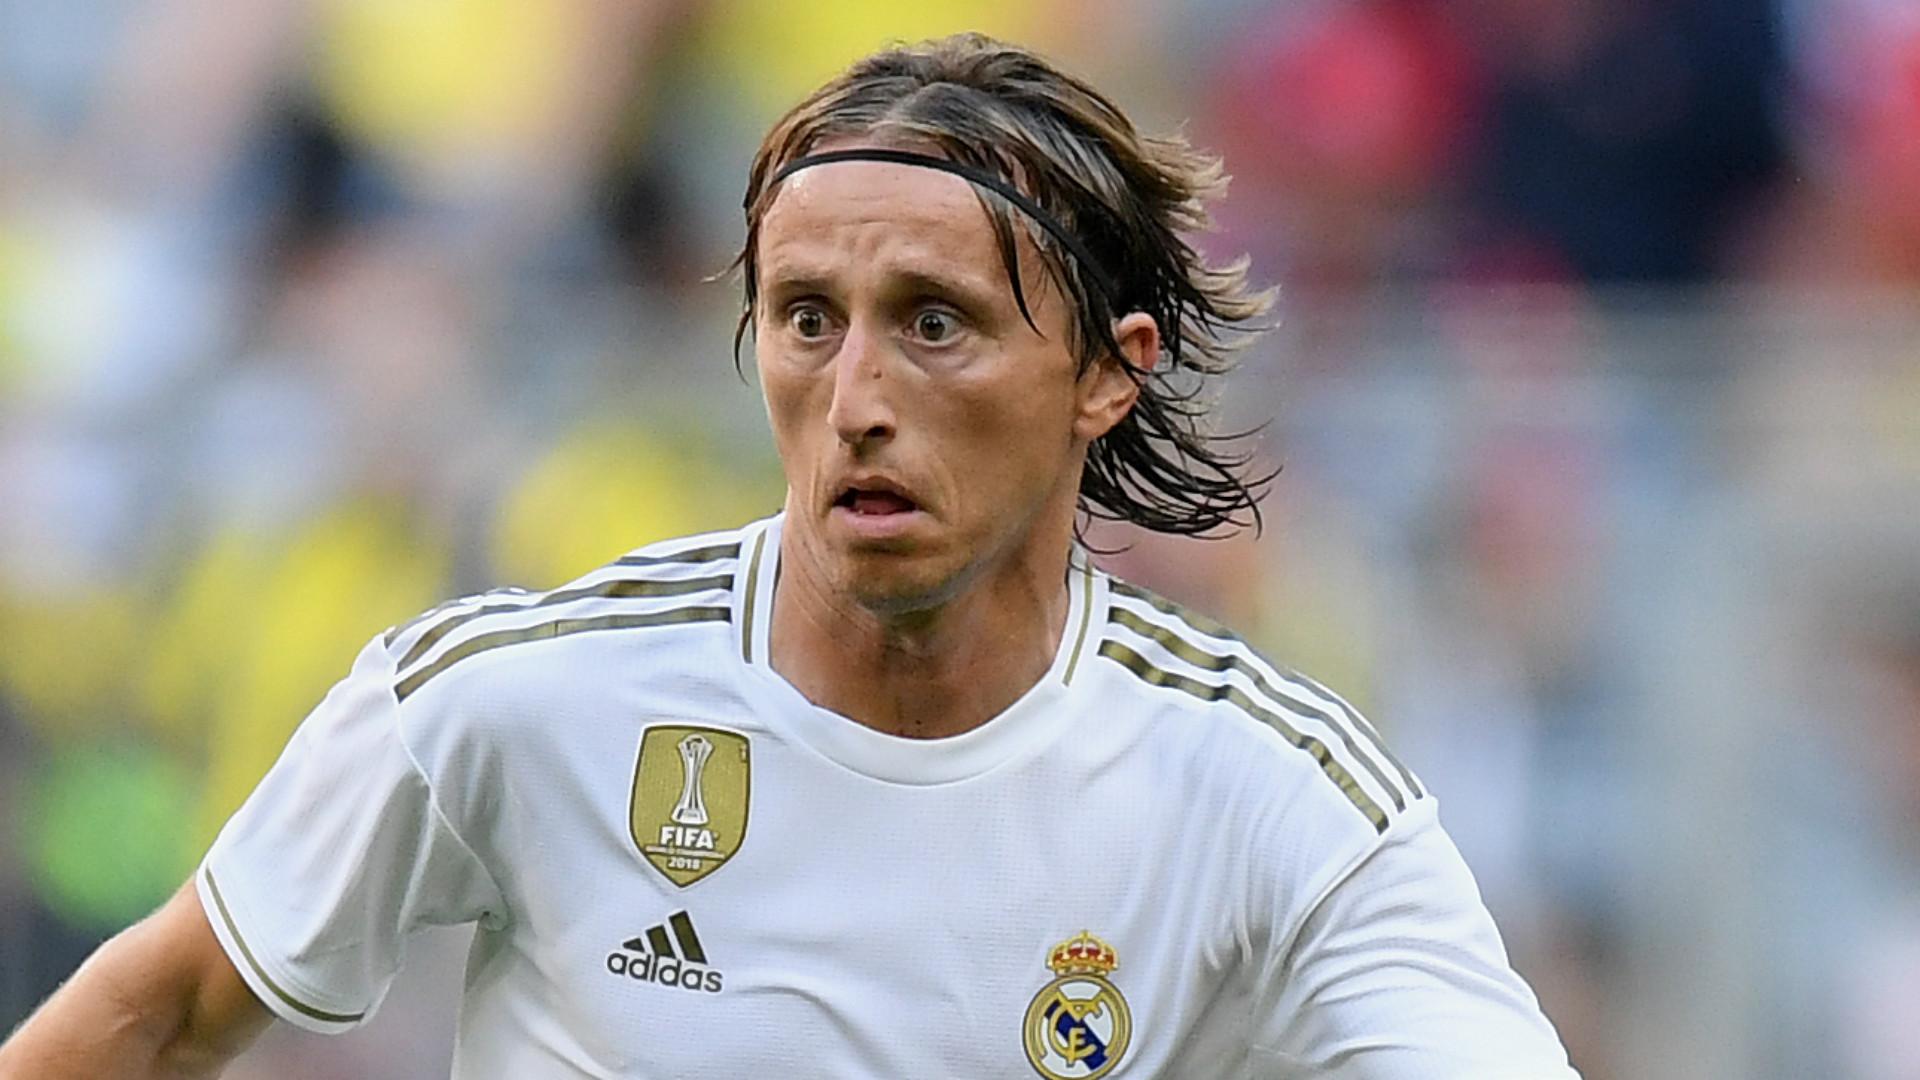 Mercato, Real Madrid : une porte de sortie pour Modric ? 4 gros clubs seraient intéressés